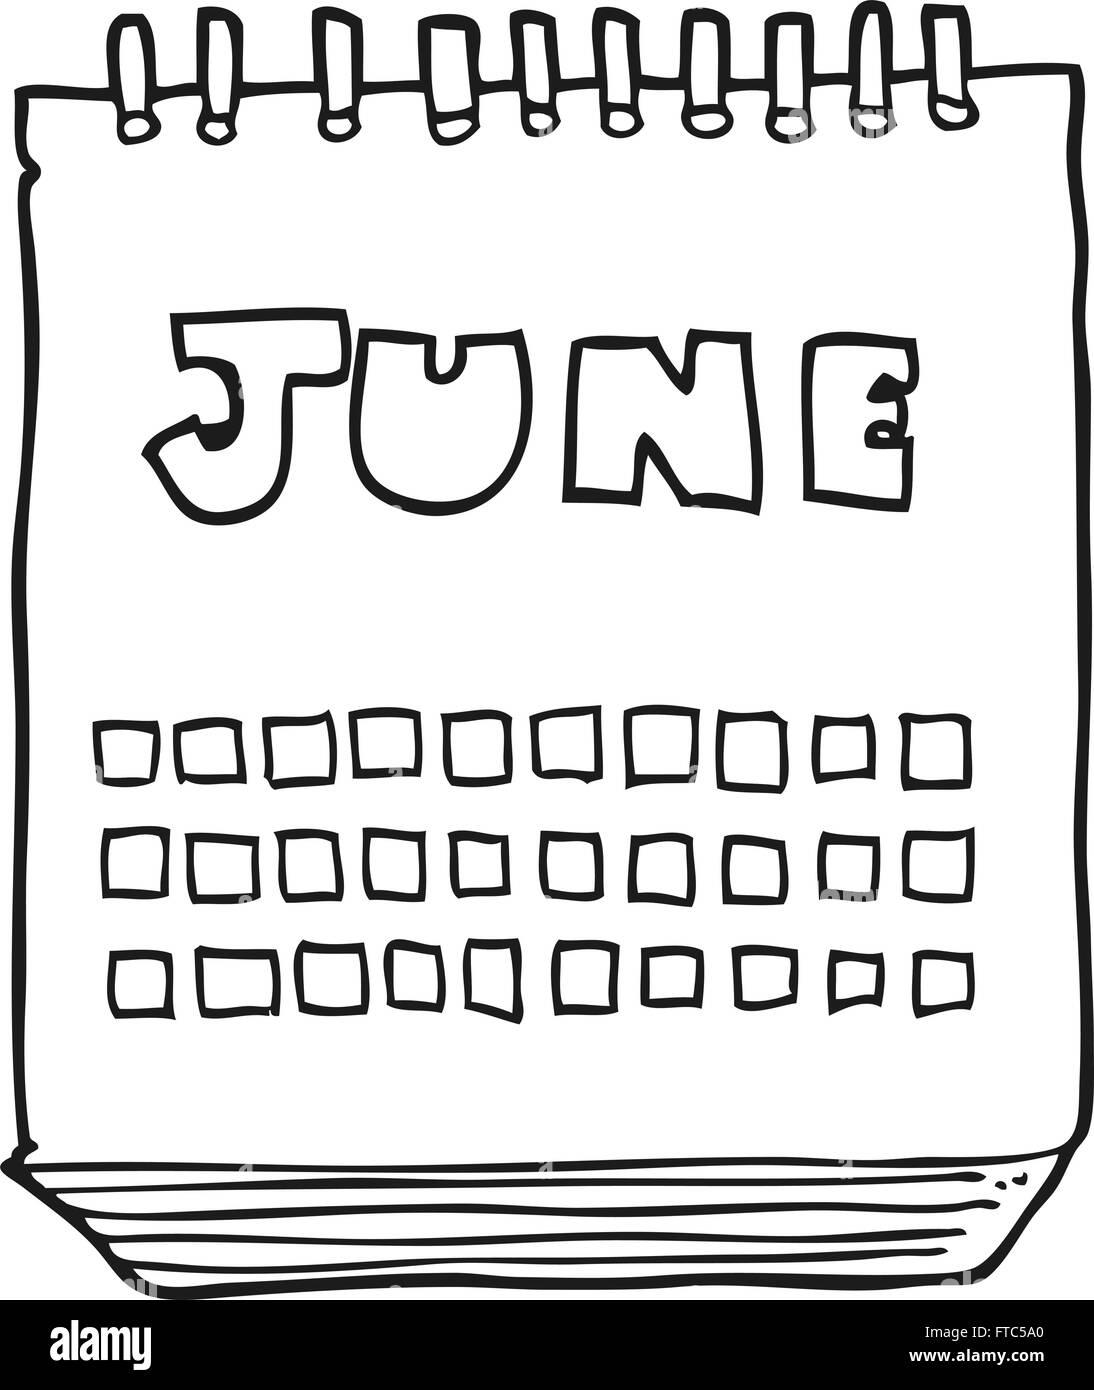 Calendario Dibujo Blanco Y Negro.Freehand Drawn Cartoon Calendar Showing Imagenes De Stock